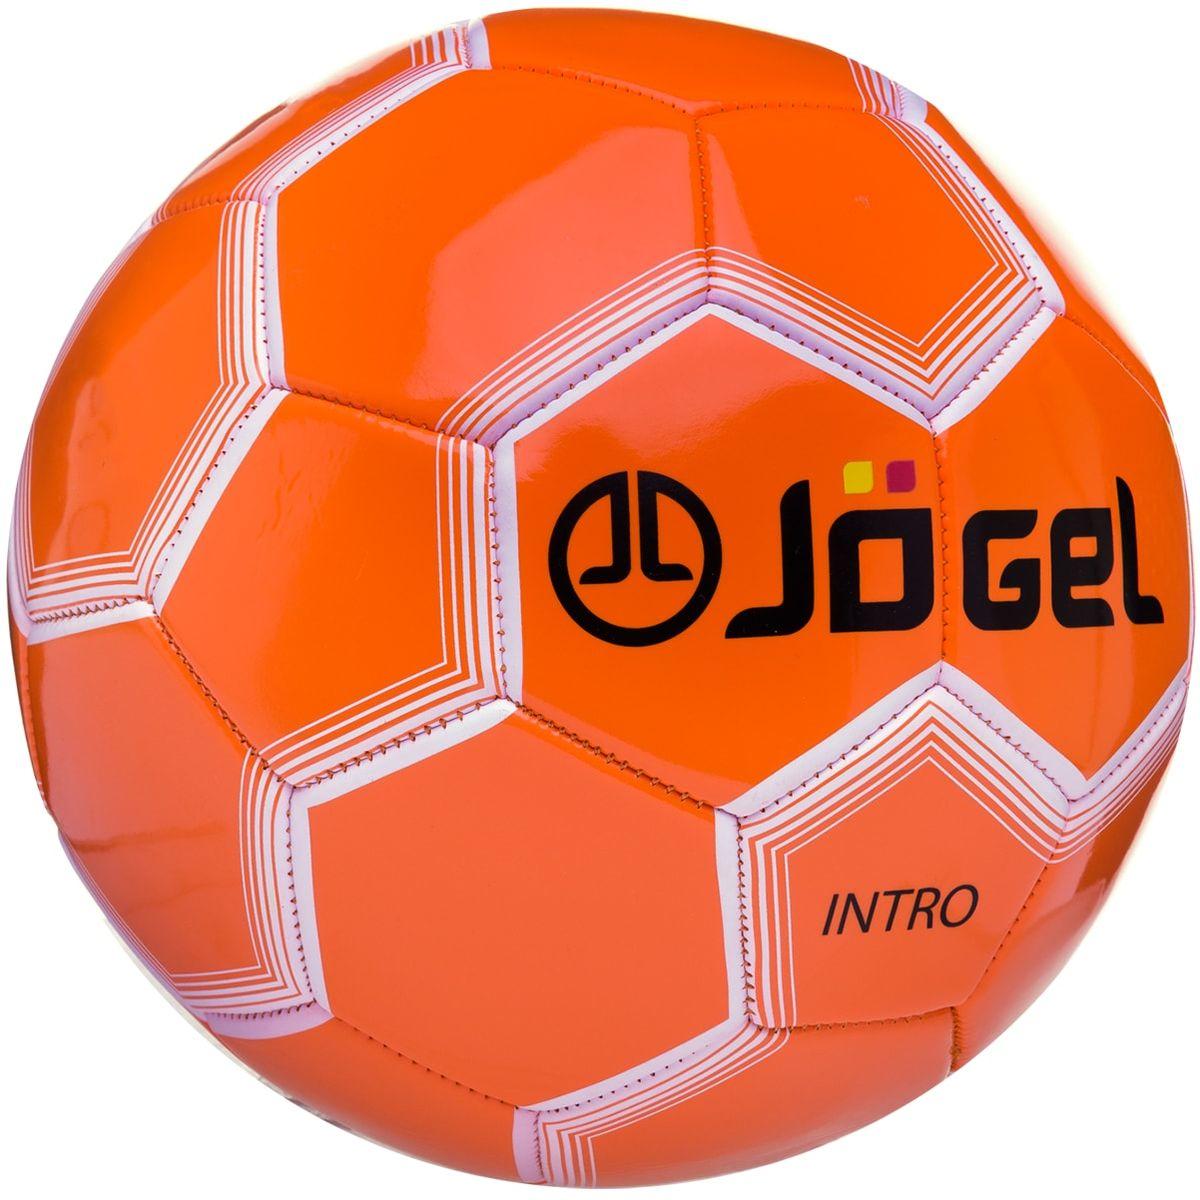 Мяч футбольный Jogel JS-100 Intro №5, цвет: оранжевыйУТ-00011389Категория: Мячи футбольныеУровень: ЛюбительскийJ любительский футбольный мяч, который сочетает в себе простоту конструкции, контрастные графические элементы и самую низкую стоимость в линейки футбольных мячей Jogel. По своим характеристикам подходит как детям, так и взрослым. Поверхность мяча выполнена из синтетической кожи (поливинилхлорид) толщиной 2,0 мм. Мяч имеет 2 подкладочных слоя и оснащен бутиловой камерой, обеспечивающим долгое сохранение воздуха в камере. Данный мяч рекомендован для любительской игры и тренировок любительских команд.Основной цвет: ОранжевыйДополнительный цвет: Черный/белый/желтыйРекомендованные покрытия: натуральный газон, синтетическая трава, резина, гаревые поля, паркетМатериал поверхности: Синтетическая кожа (поливинилхлорид) толщиной 2,0 ммМатериал камеры: БутилТип соединения панелей: Машинная сшивкаКоличество панелей: 32Длина окружности: №5 - 68-70 смВес: 410-450 грРекомендованное давление: 0.4-0.6 барПроизводство: КНР